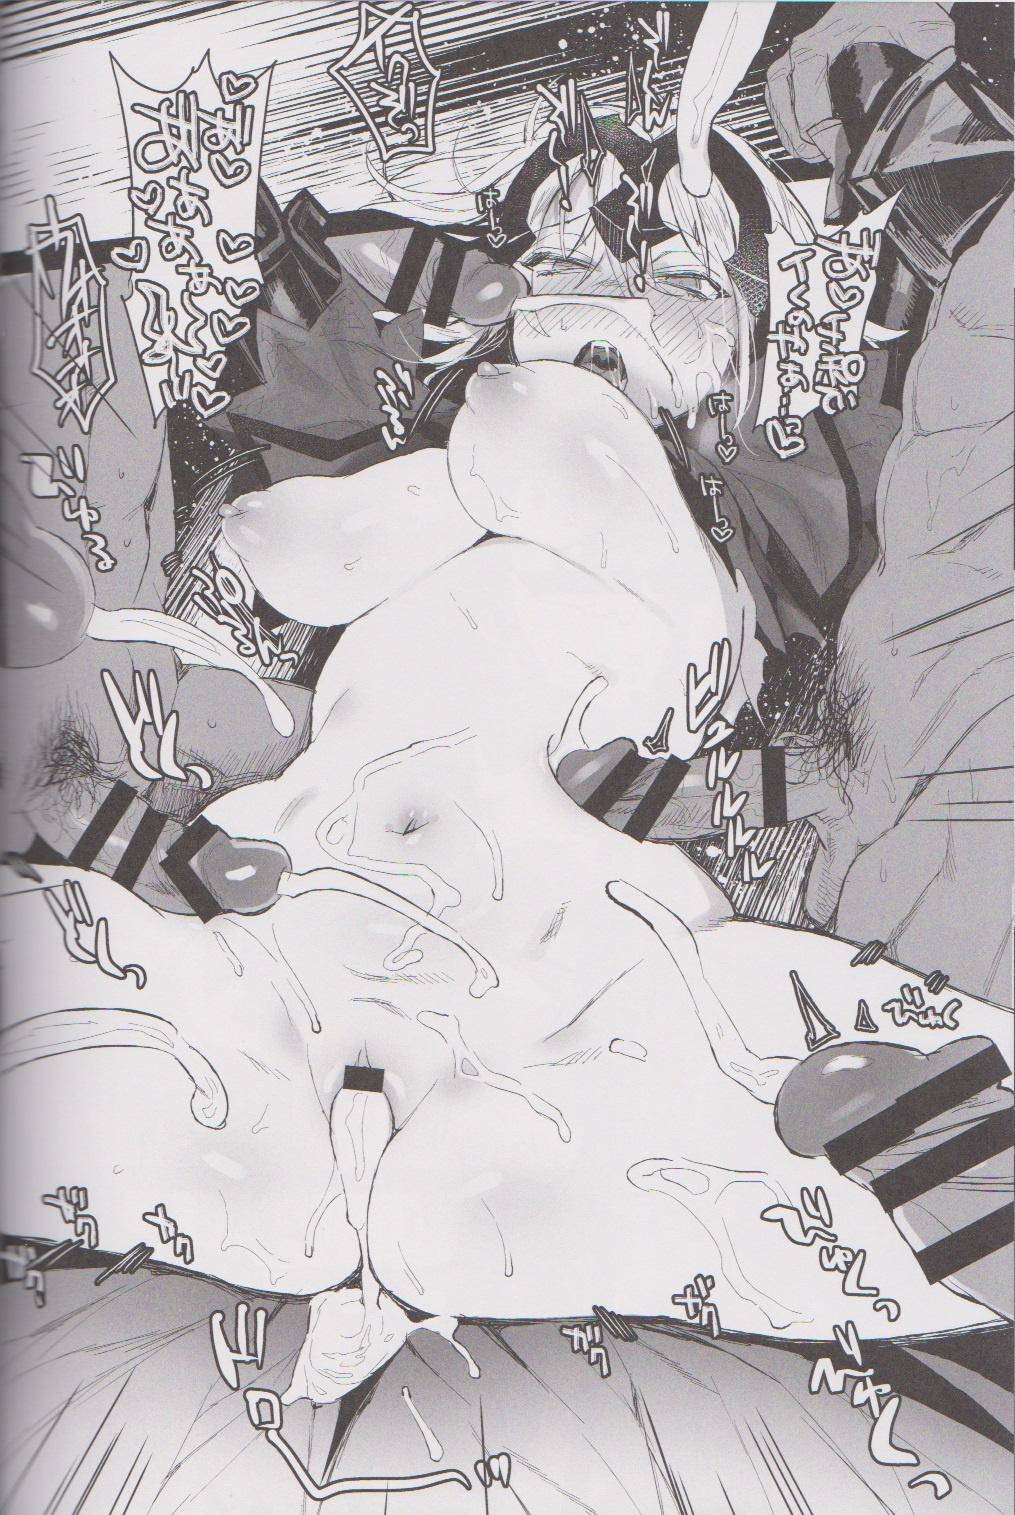 【FGO エロ漫画・エロ同人】巨乳のジャンヌ・オルタが捕らわれて集団レイプされちゃってるwひたすら中出しセックスで陵辱され身体中ザーメンだらけにwww (15)